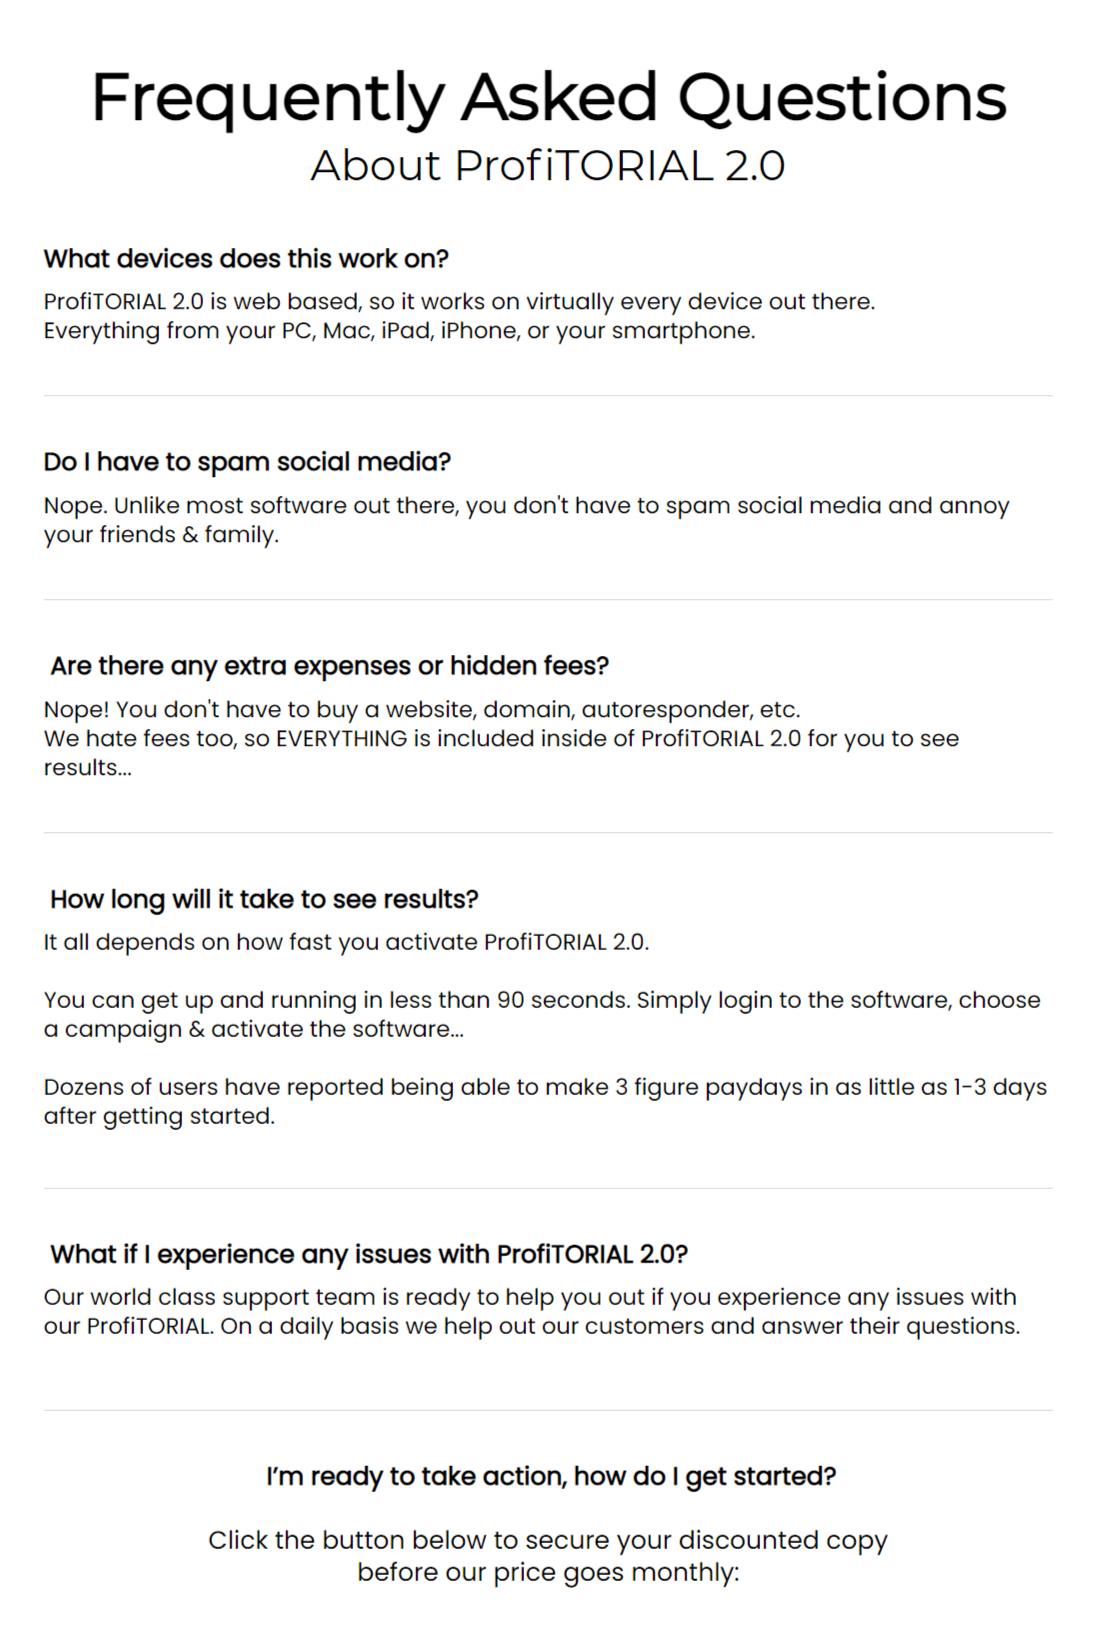 Profitorial-2-0-FAQ